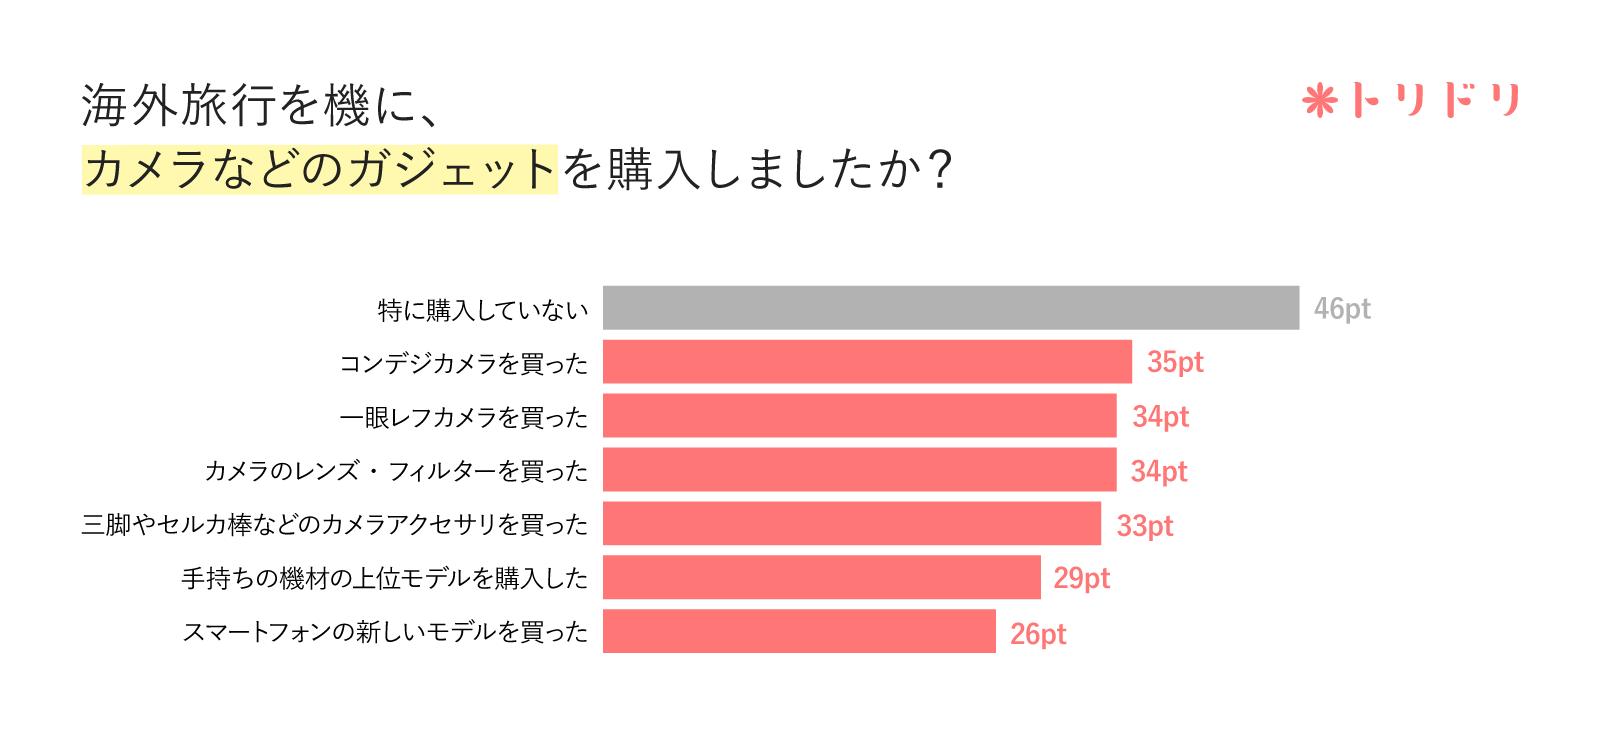 アンケートのグラフ:海外旅行を機に、カメラなどのガジェットを購入しましたか?